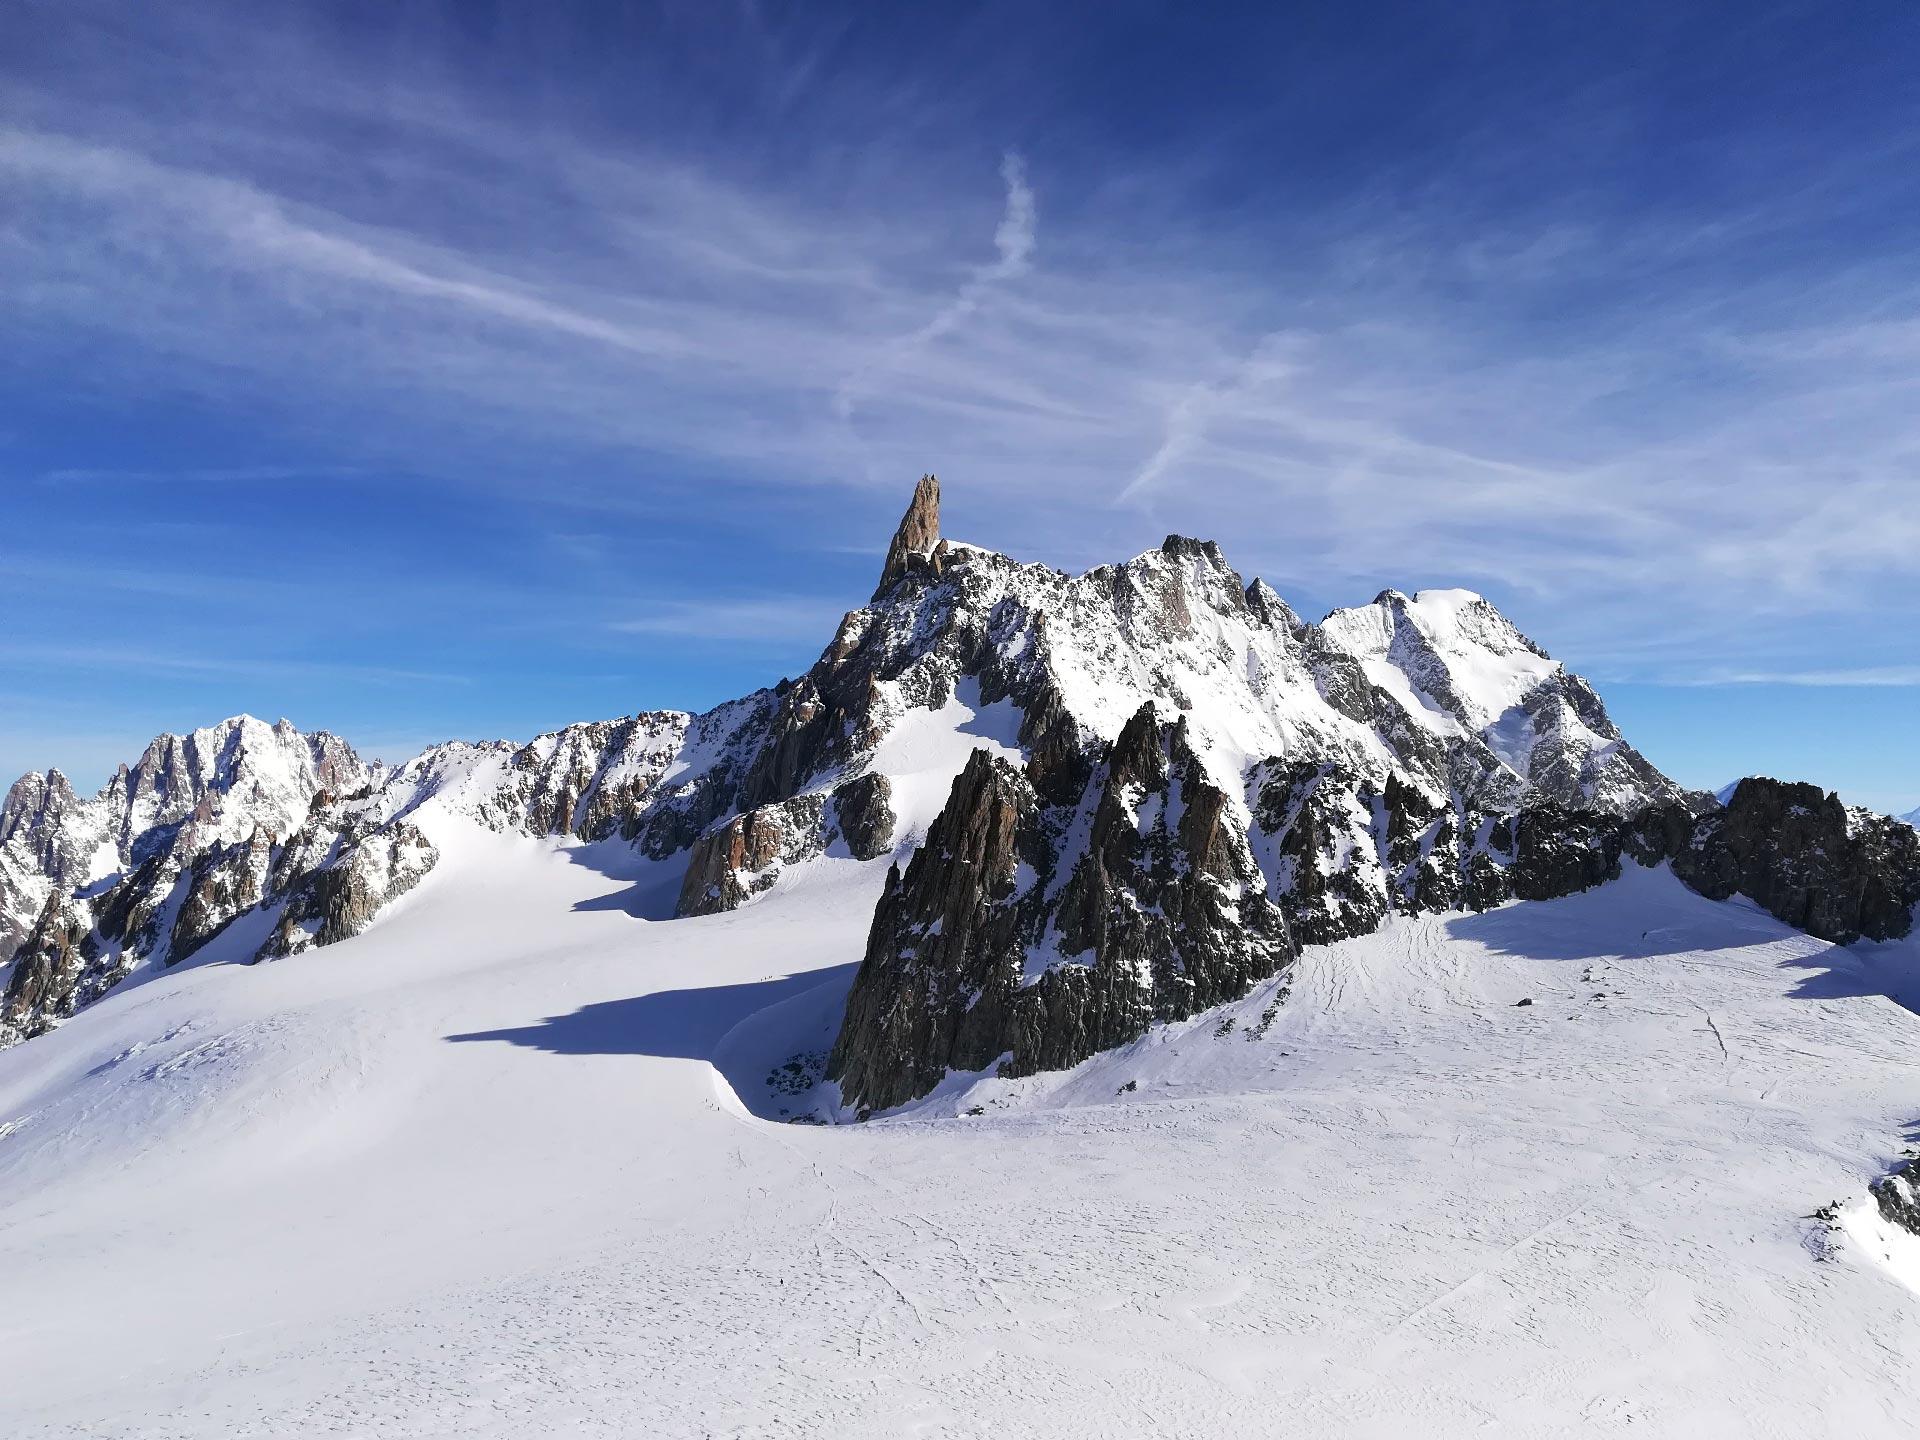 panorama sul Dente del Gigante dalla terrazza panoramica della stazione di Punta Helbronner, Courmayeur, Valle d'Aosta